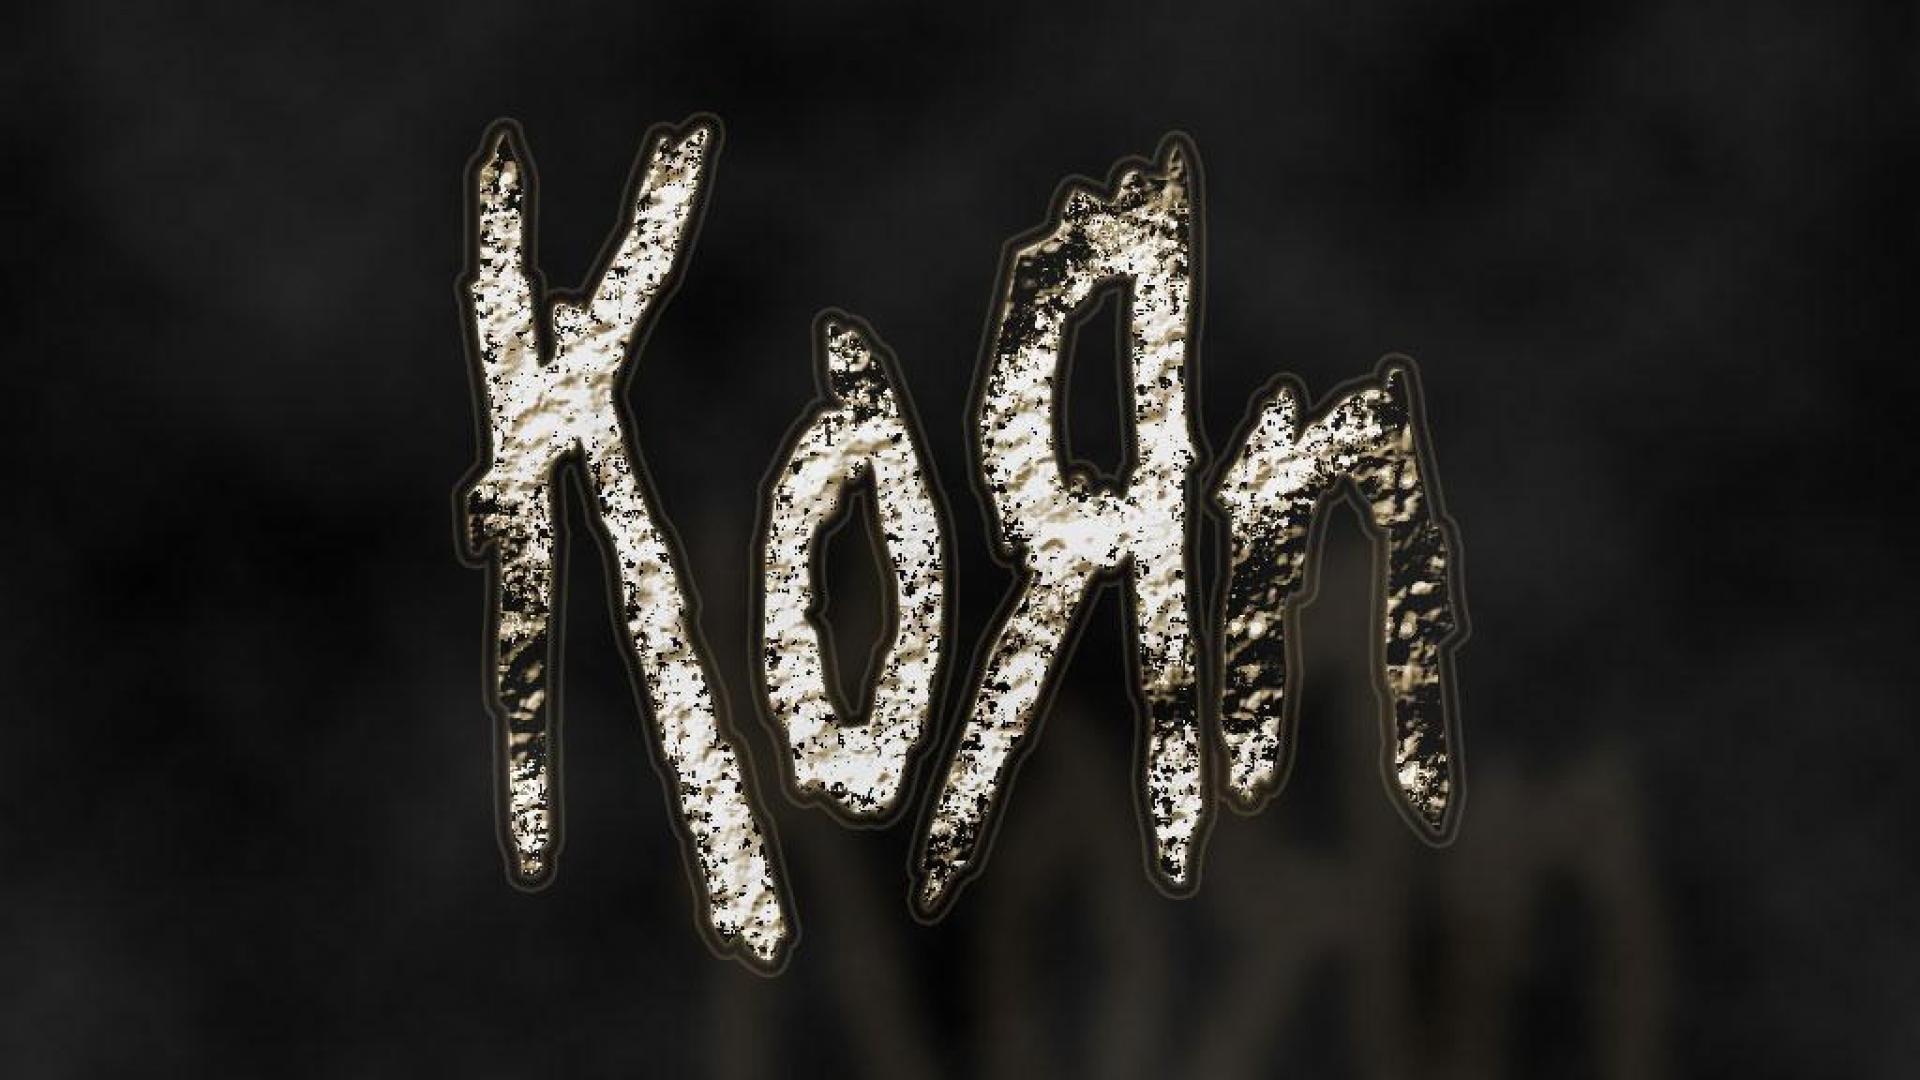 Korn Backgrounds (51+ images)